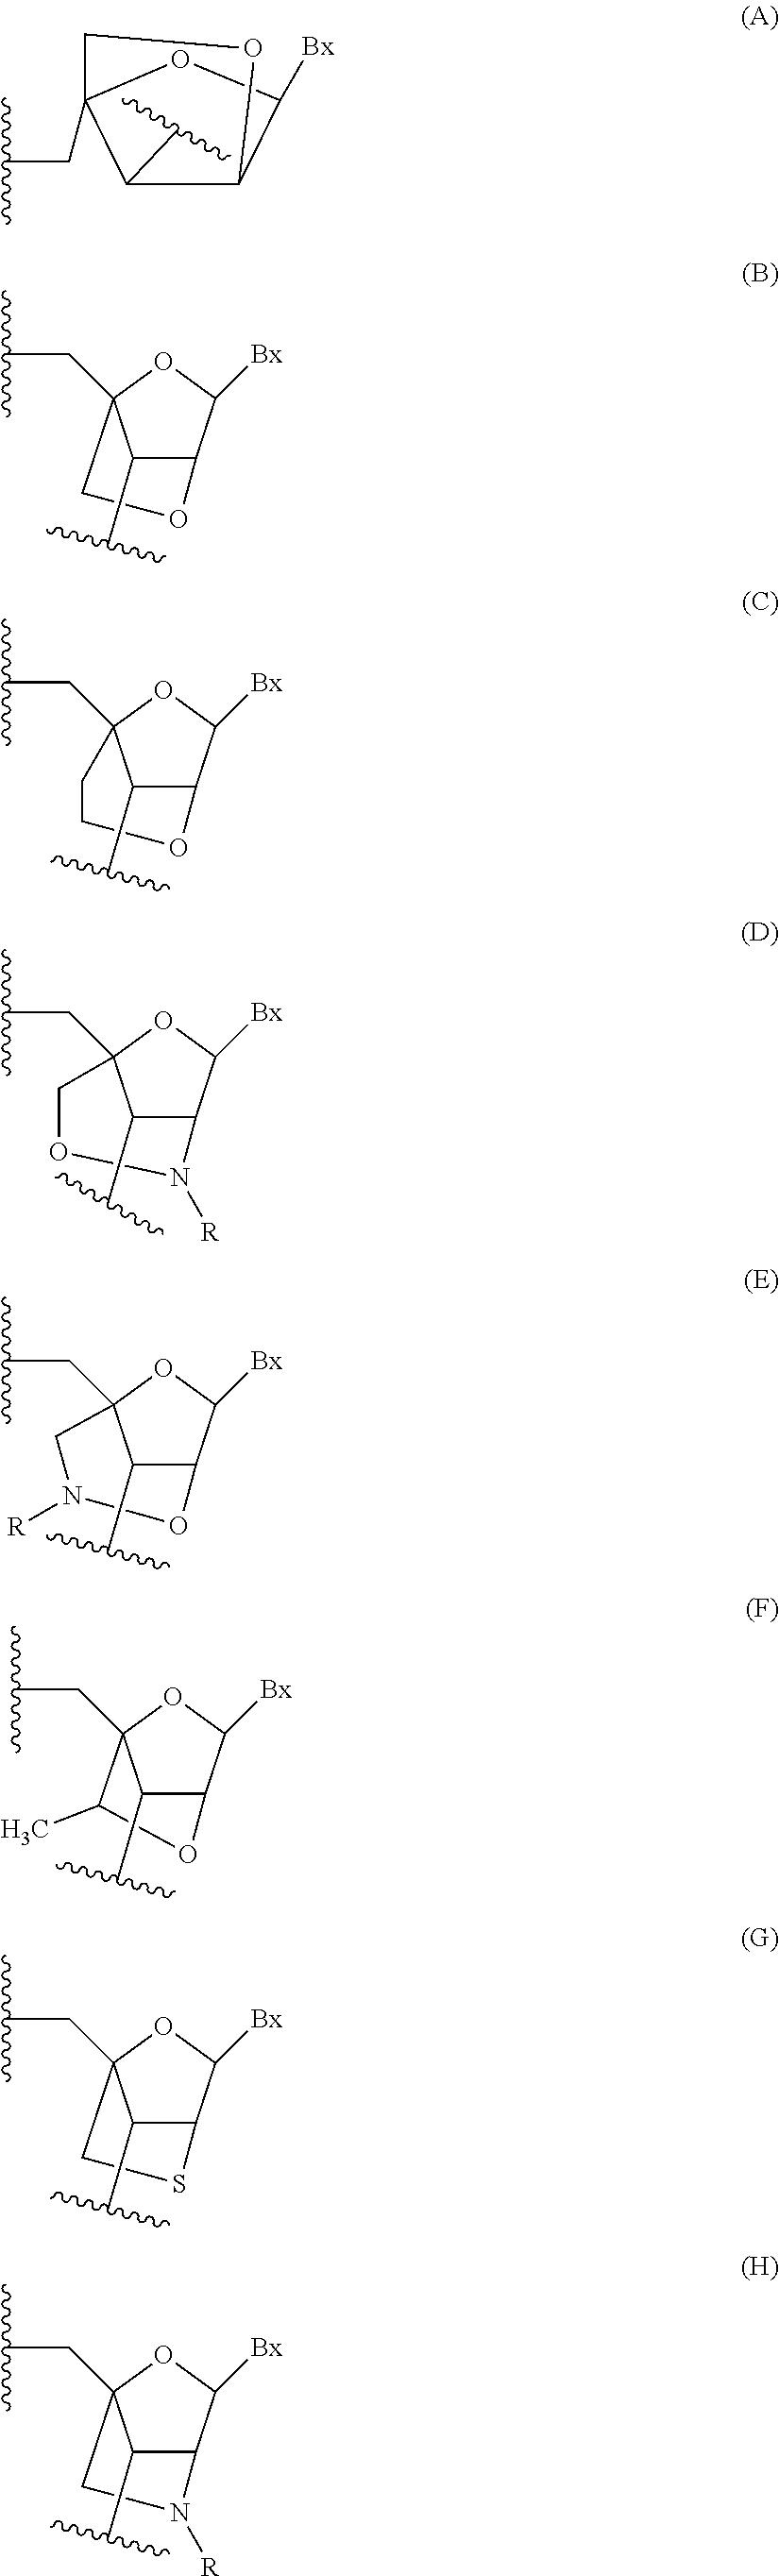 Figure US20180305687A1-20181025-C00007